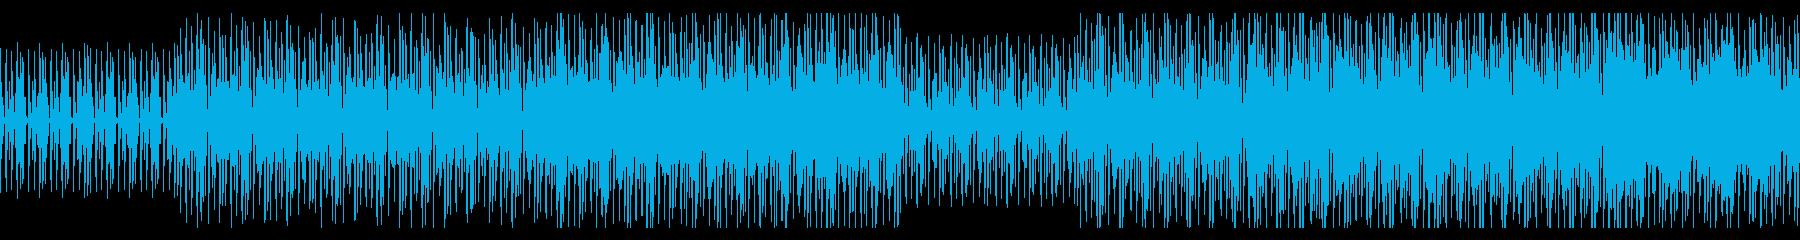 疾走感 緊迫感 テクノBGMの再生済みの波形